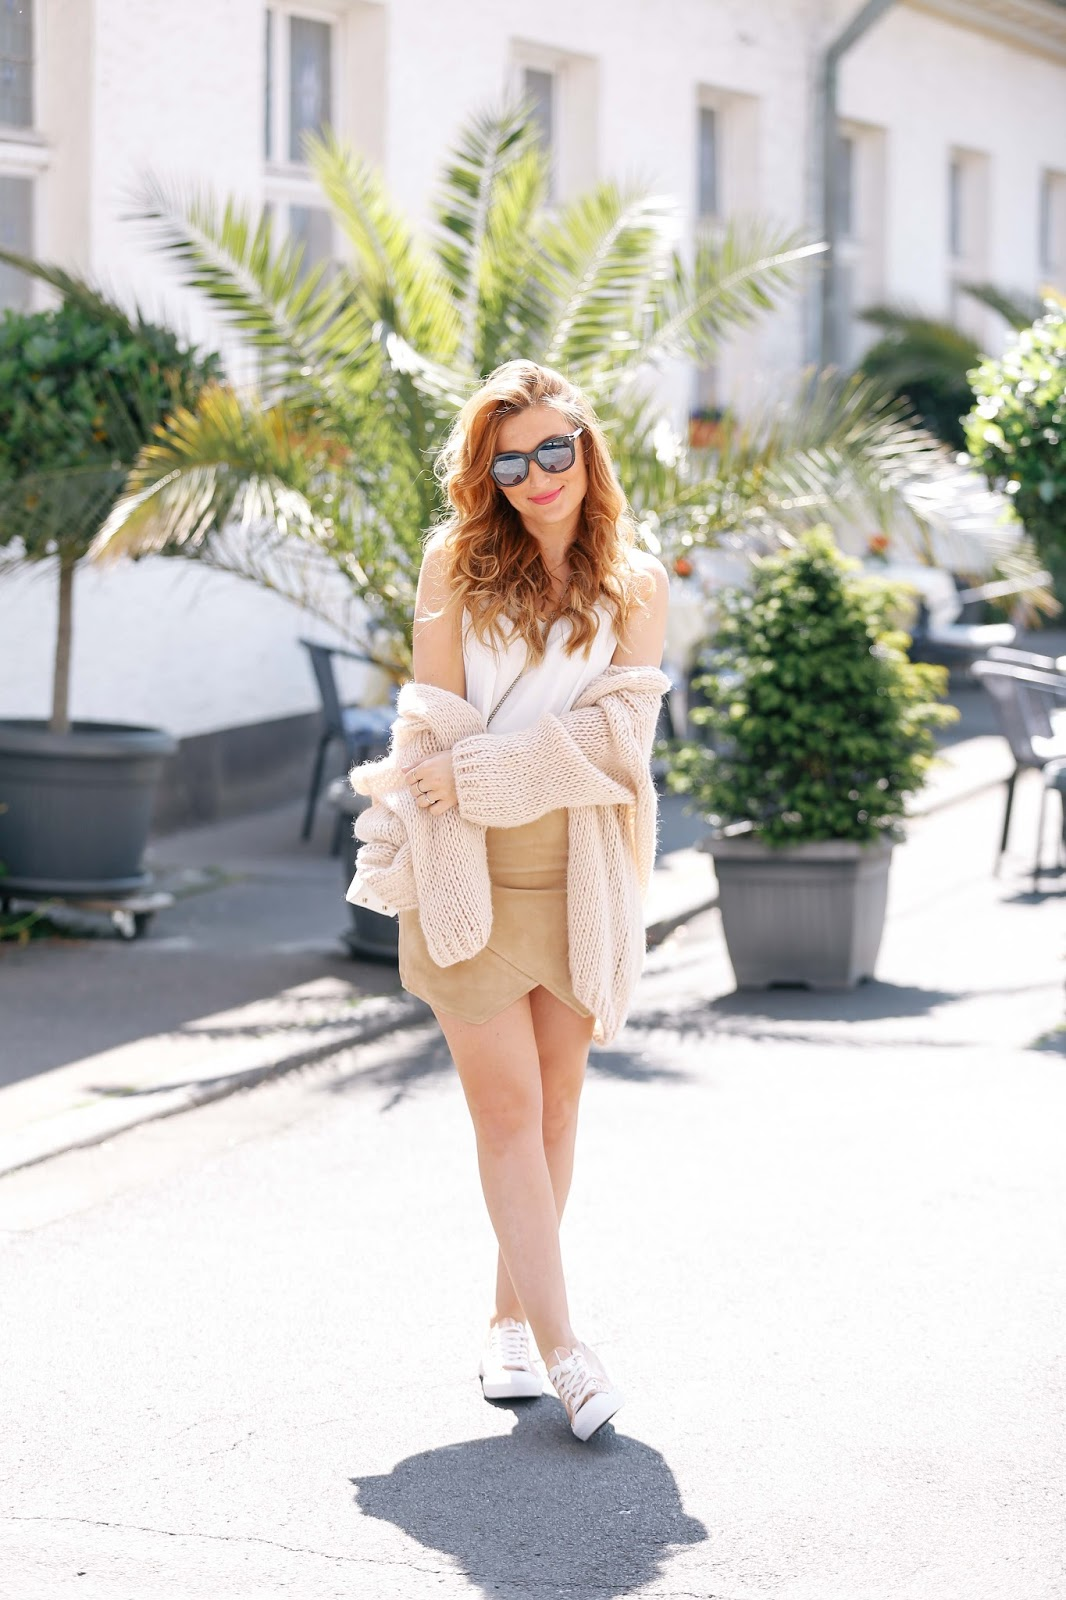 brauner-wildlederrock-ivyrevel-blogger--style-weiße-furla-tasche-fashionstylebyjohanna